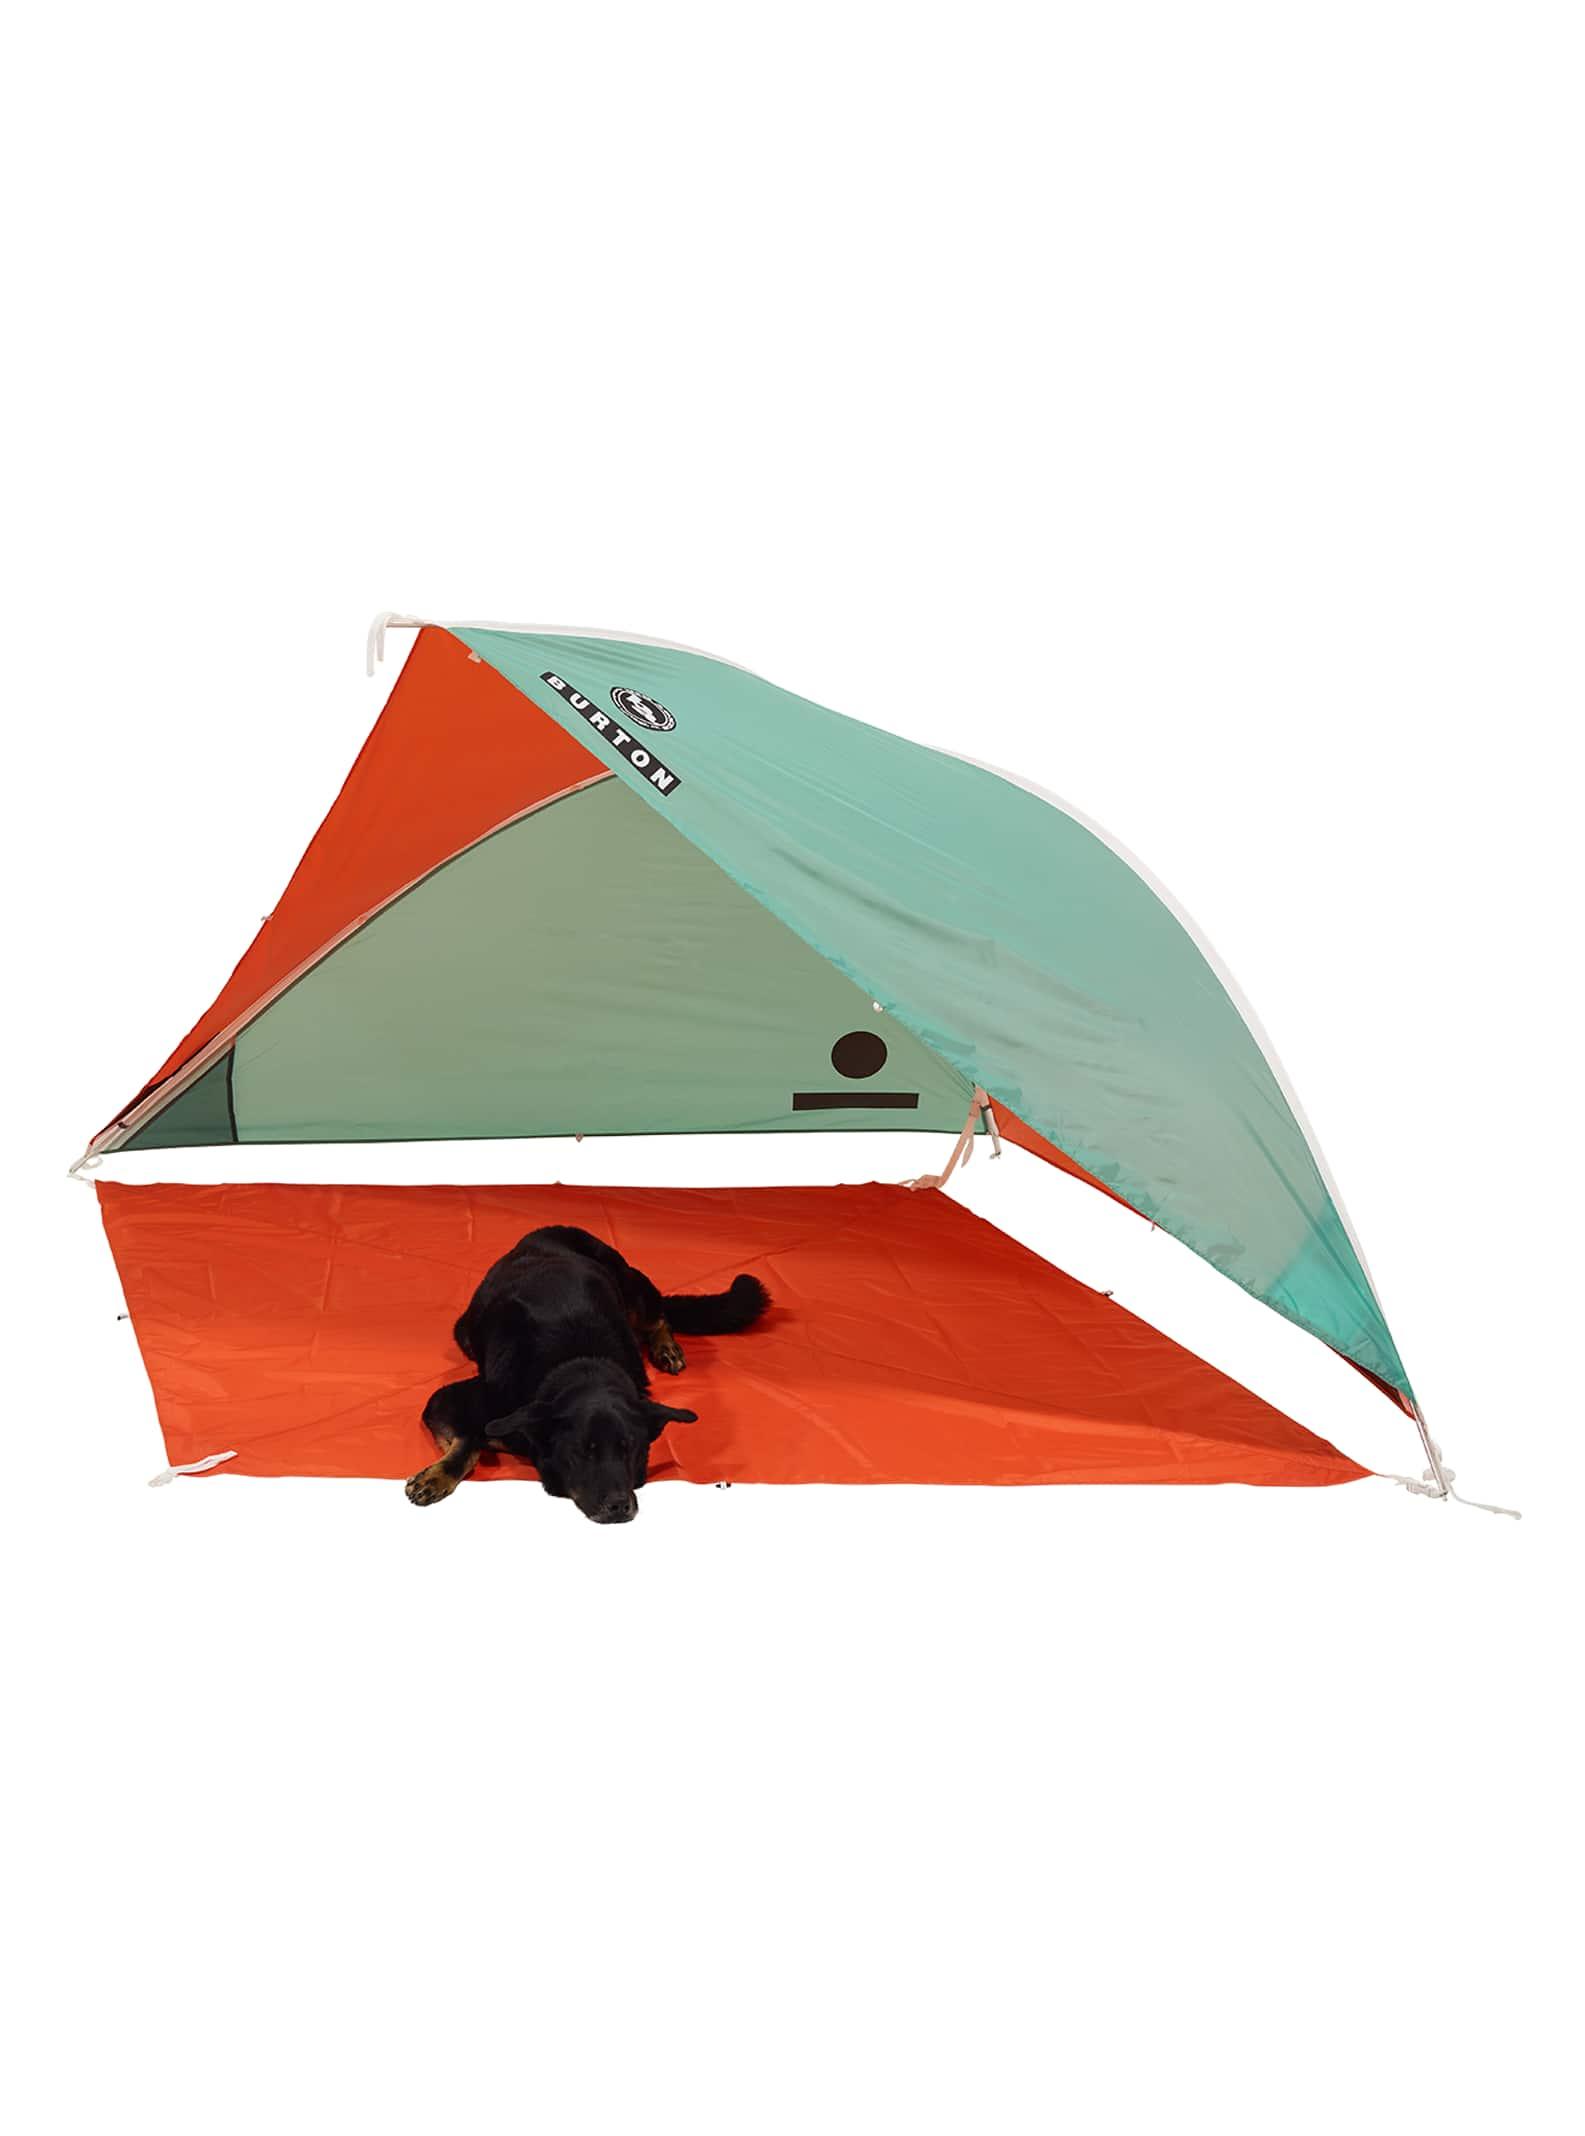 Big Agnes x Burton Whetstone Shelter Large